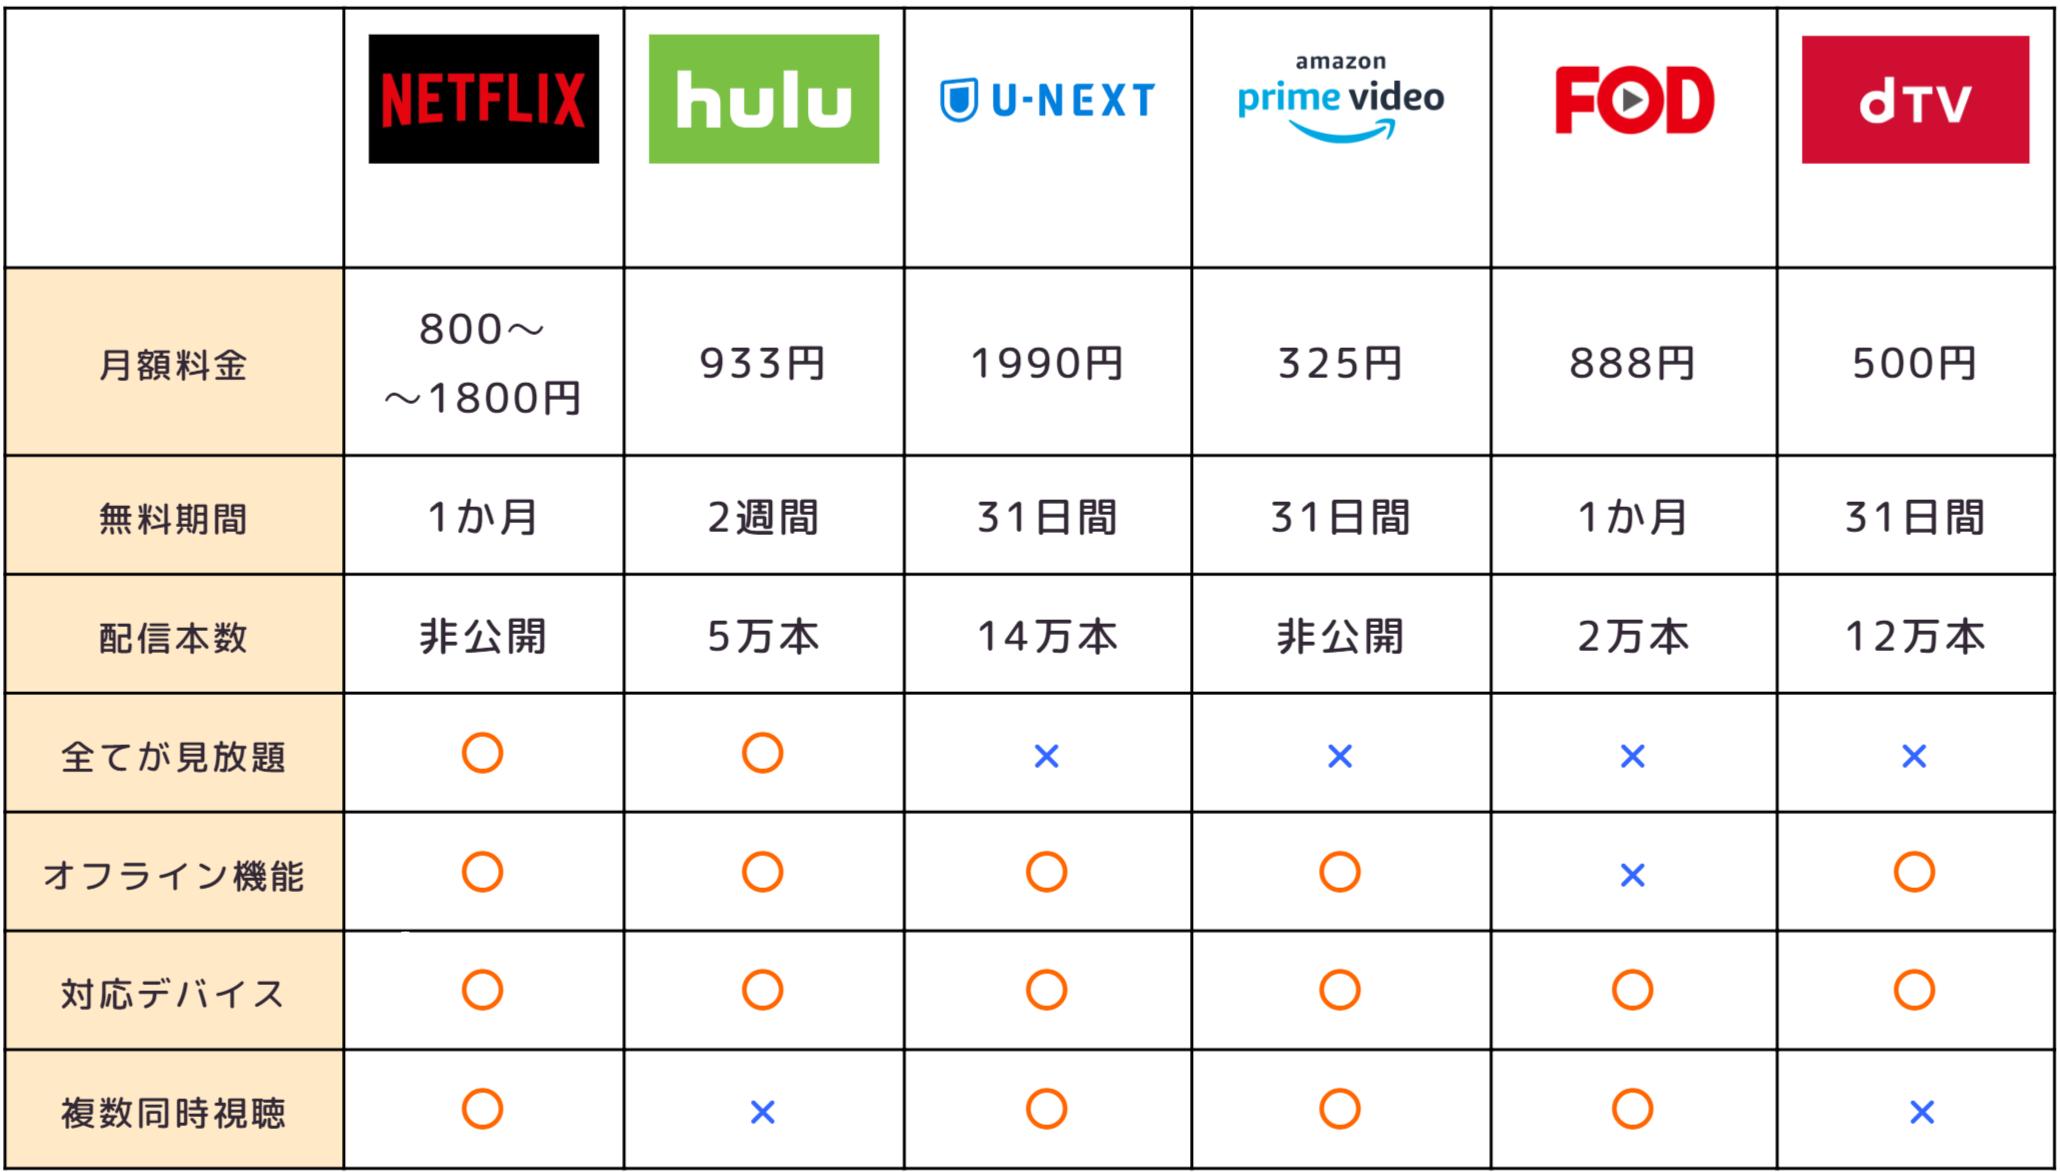 動画配信サービス 簡易比較表